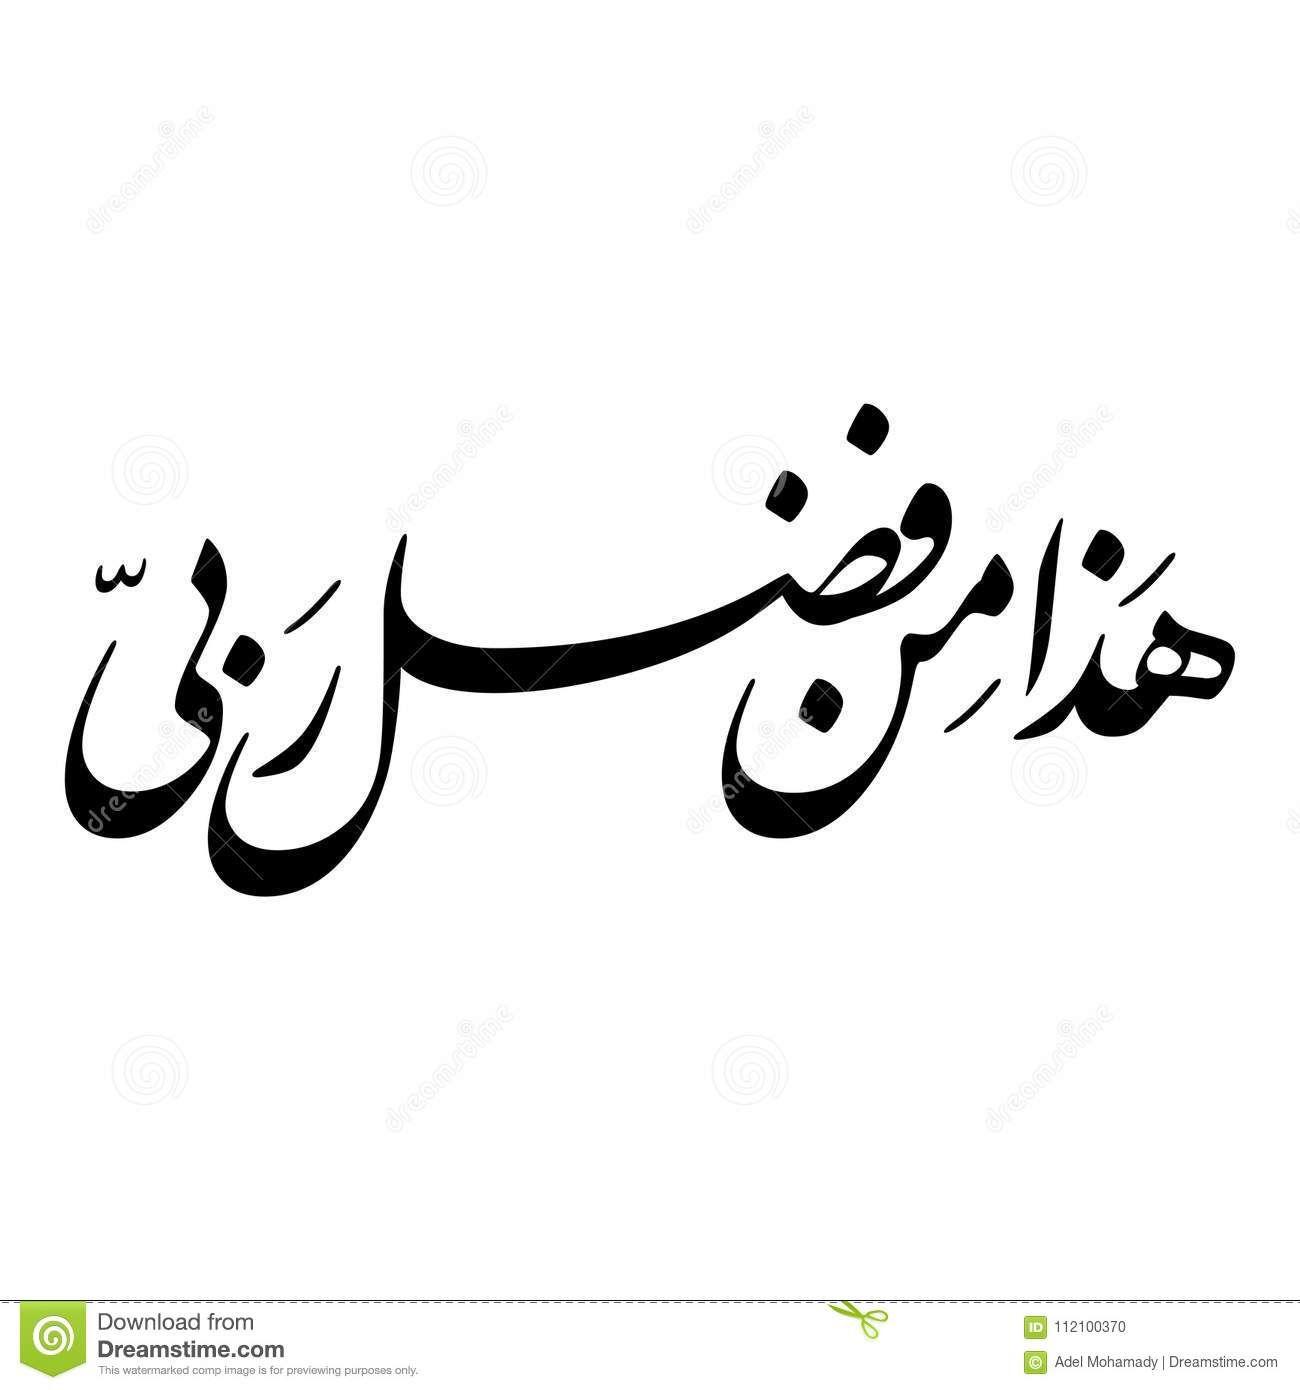 هذا من فضل ربي Graffiti Lettering Islamic Calligraphy Quran Recitation